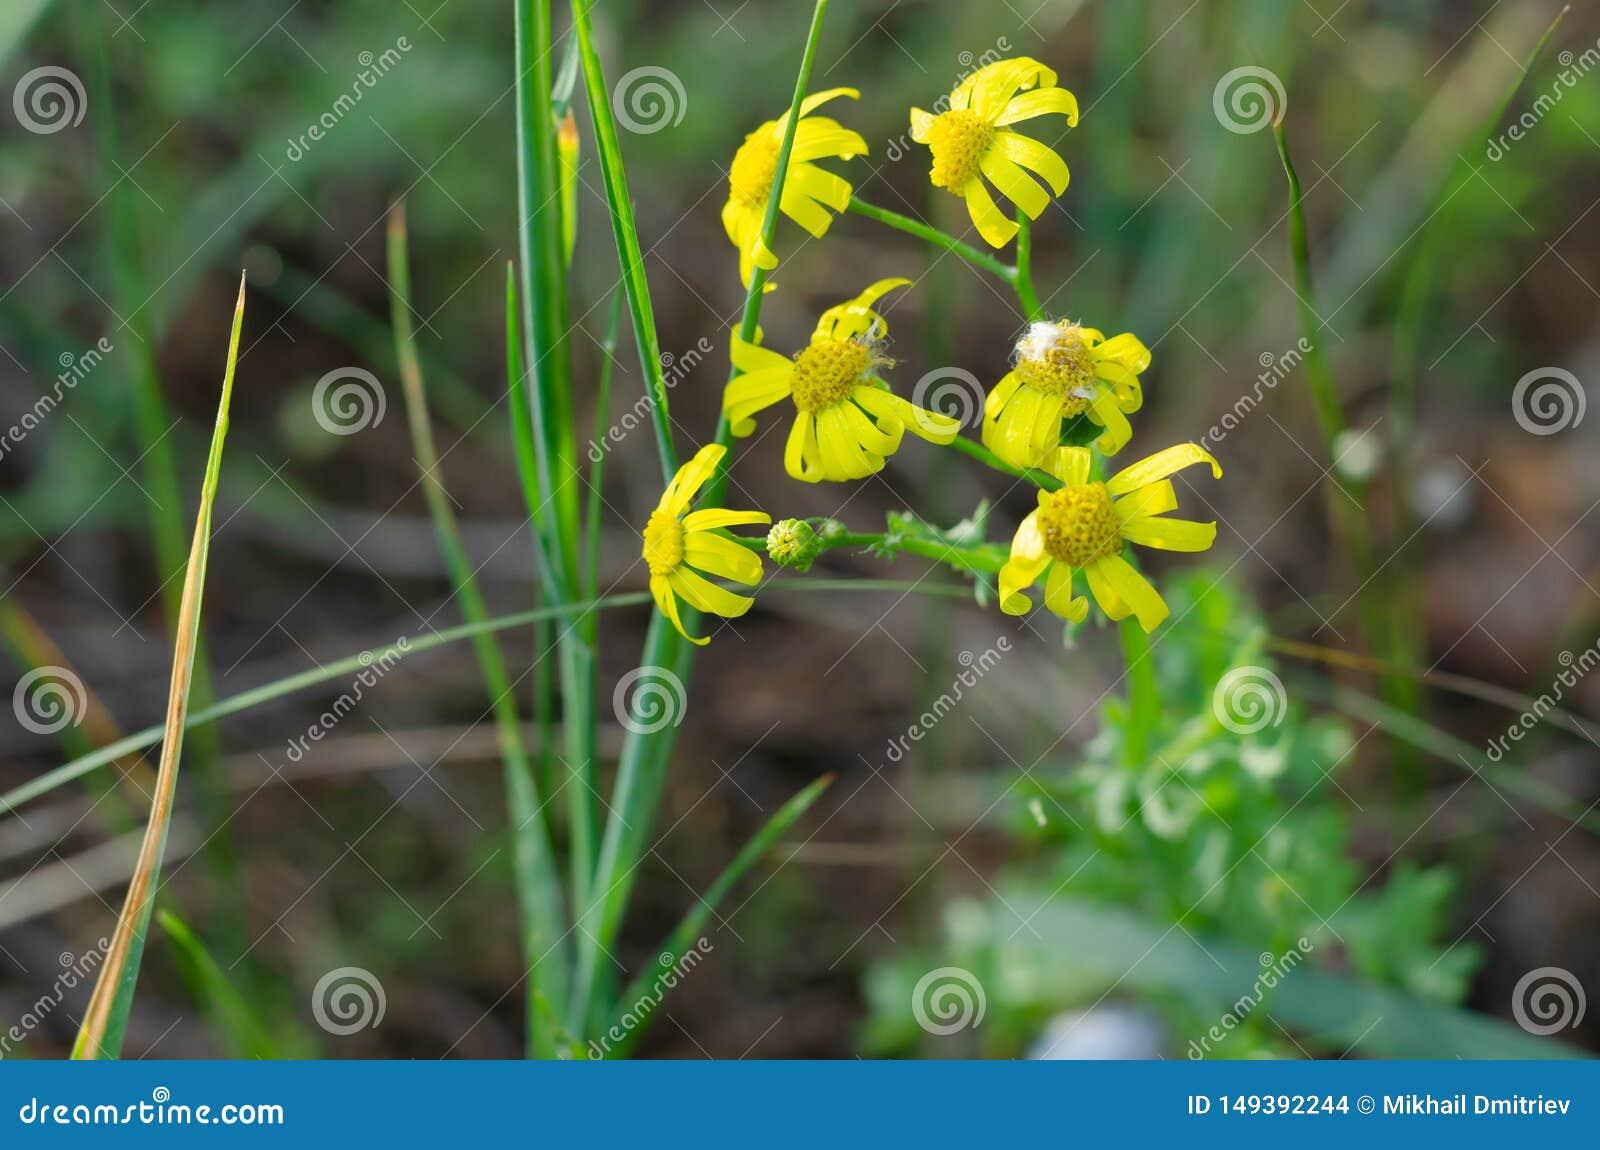 Gula vildblommor klamra sig fast intill deras gr?na stammar med deras kronblad